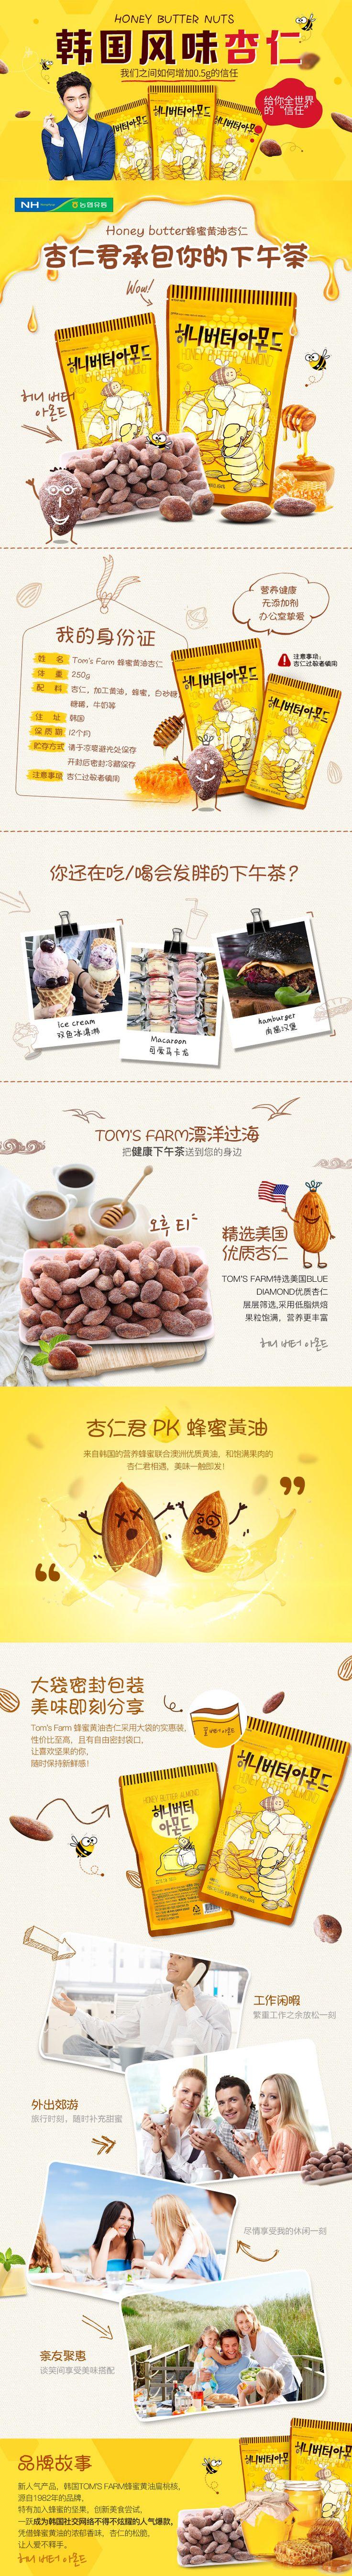 蜂蜜杏仁坚果黄油扁桃仁零食宝贝描述产品详情页设计 更多设计资源尽在黄蜂网http://woofeng.cn/